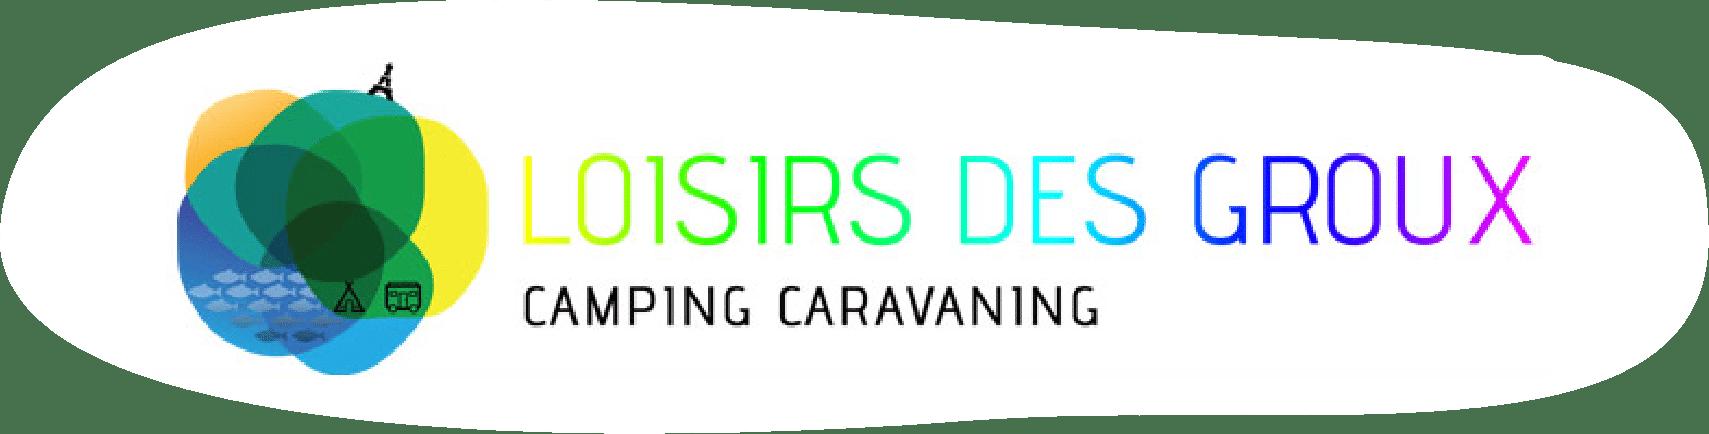 Loisirs Des Groux : Logo Form